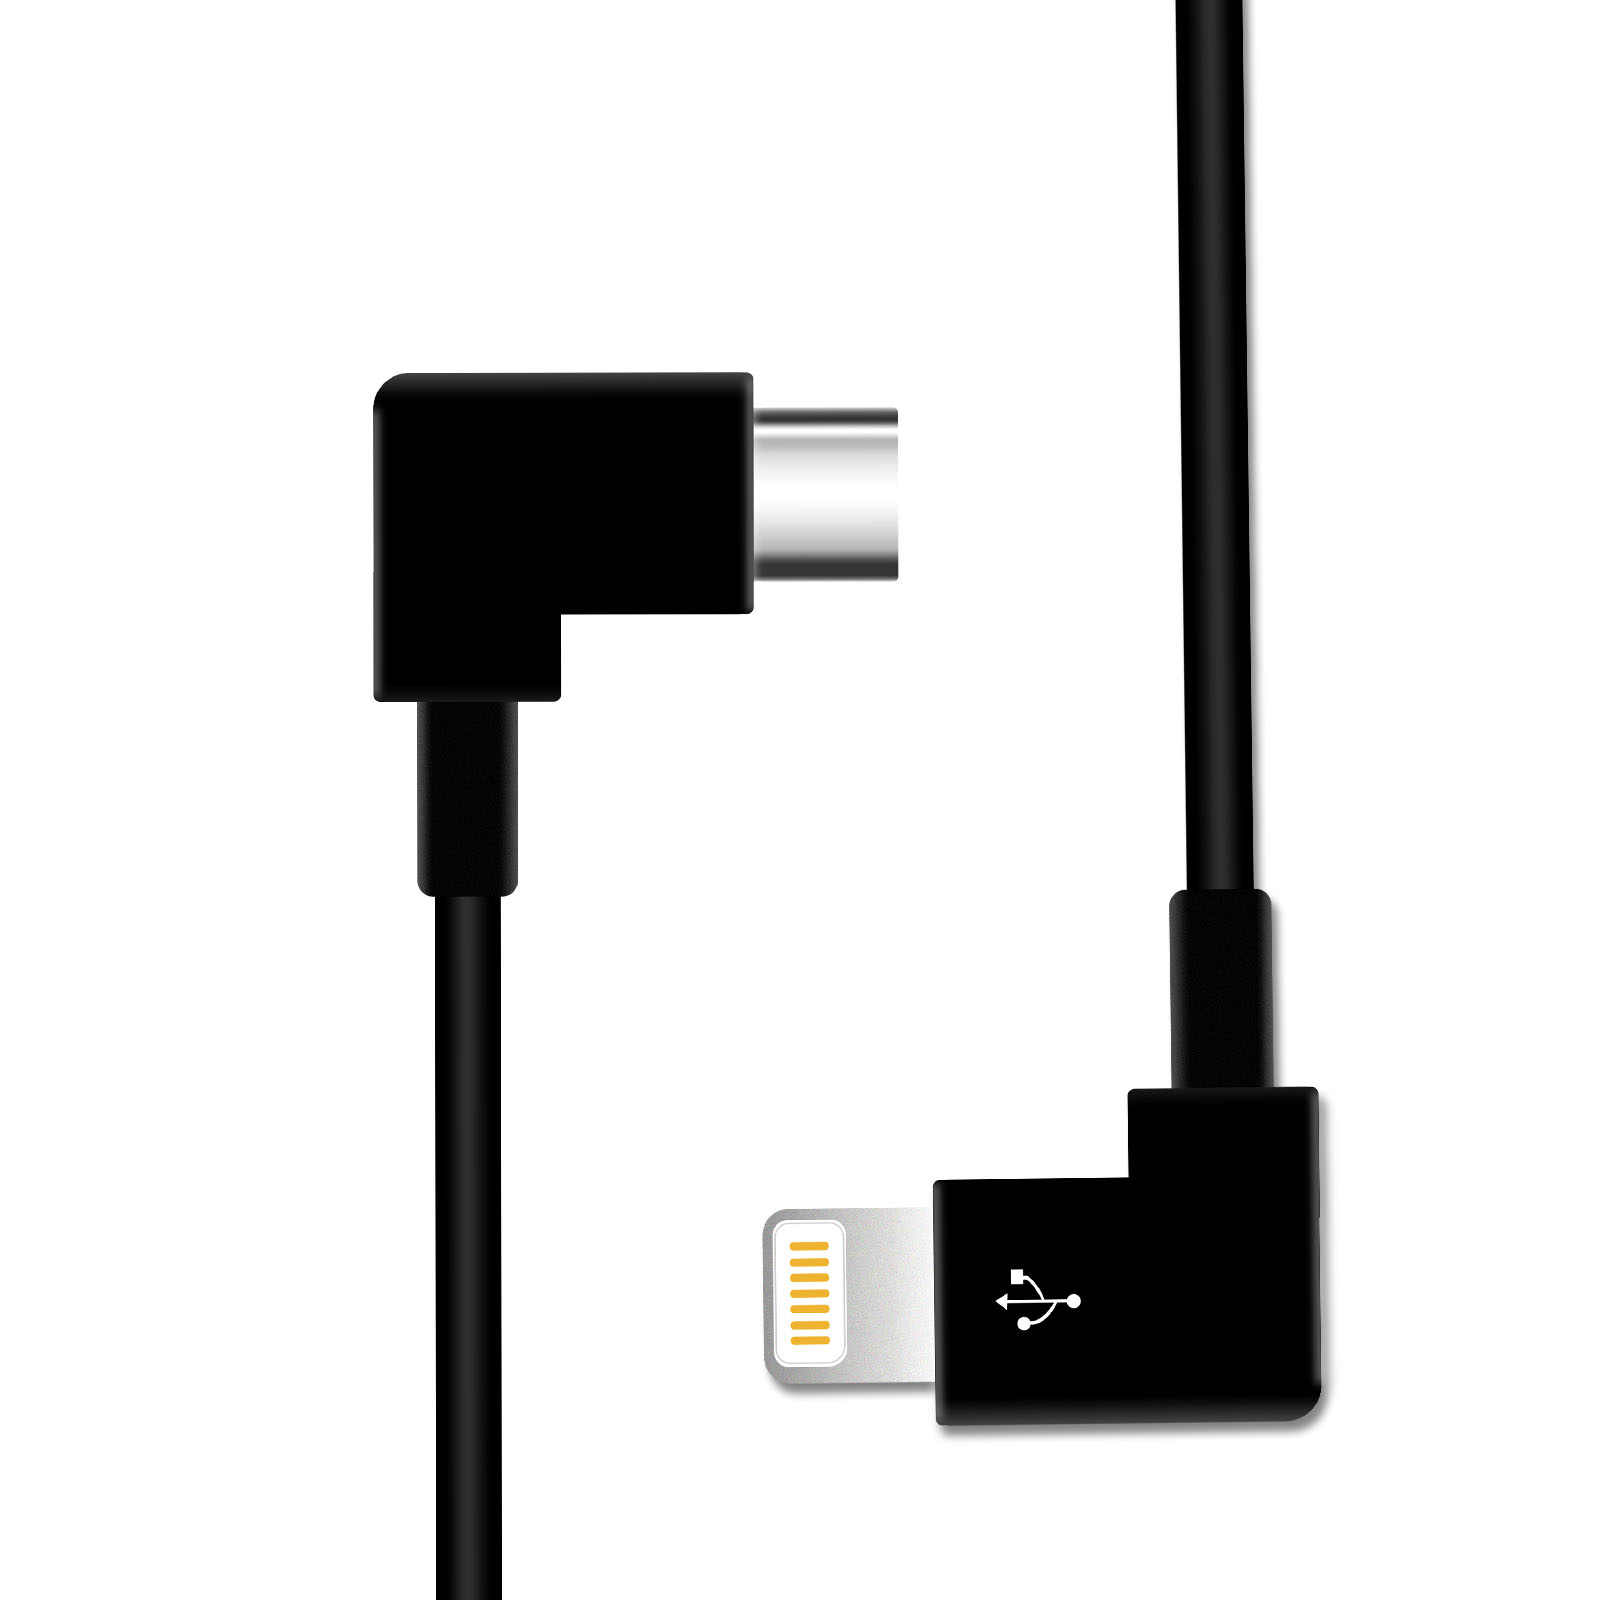 Typ C zu Lightening Kabel Datenleitung für DJI OSMO POCKET Anschlusskabel